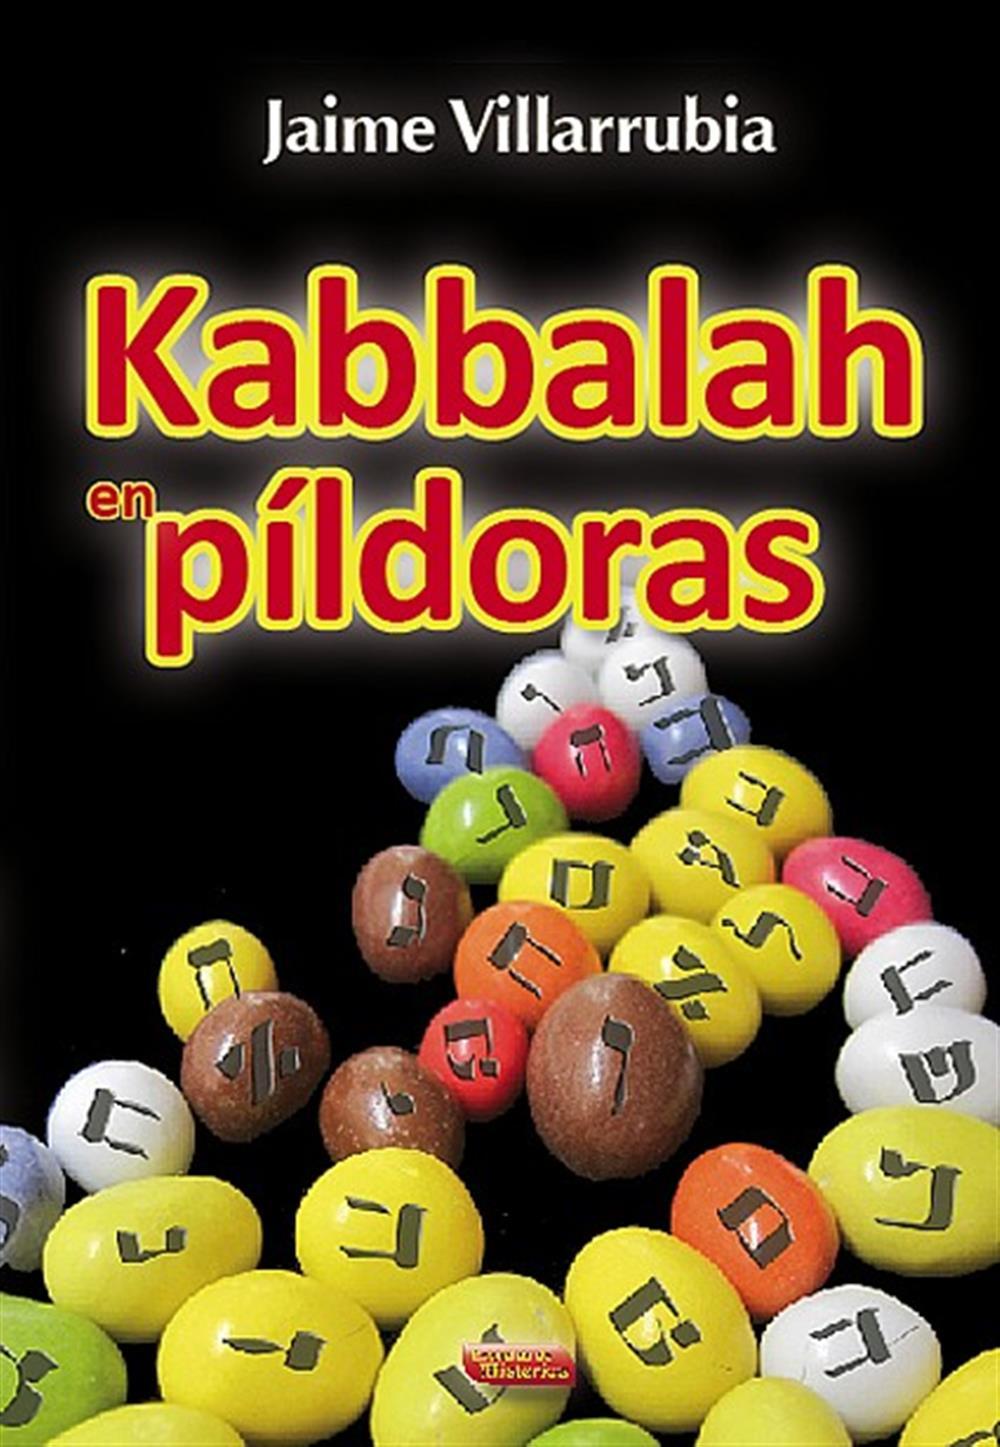 Jaime Villarrubia - Kabbalah en Pildoras - Cabala - Escuelas de Misterios - Libreria Iniciatica